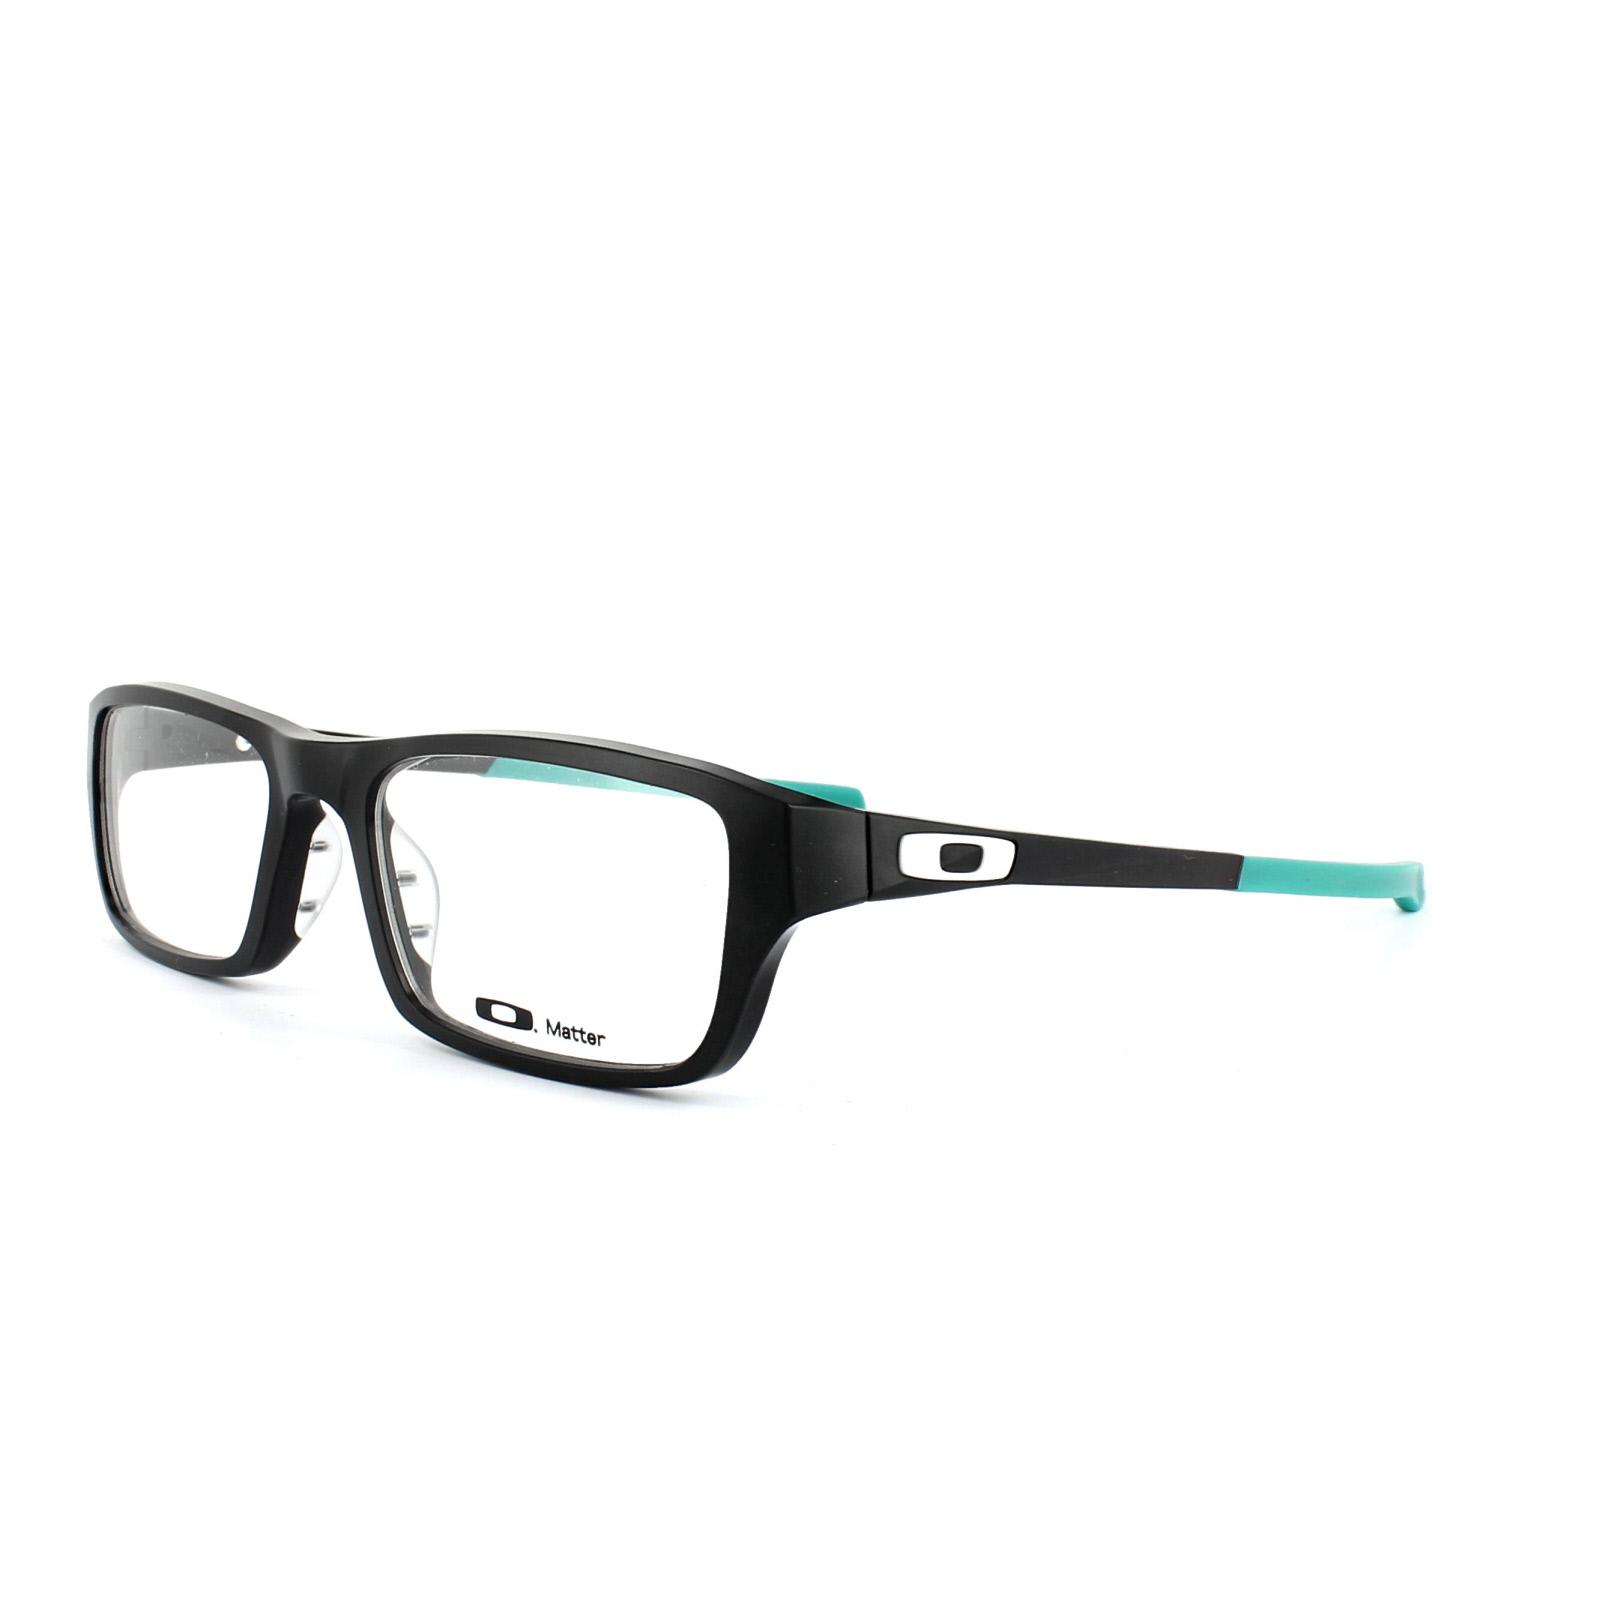 e0a623f8cb03 Oakley Glasses Frames Chamfer 8039 Ox8039 09 Black Teal